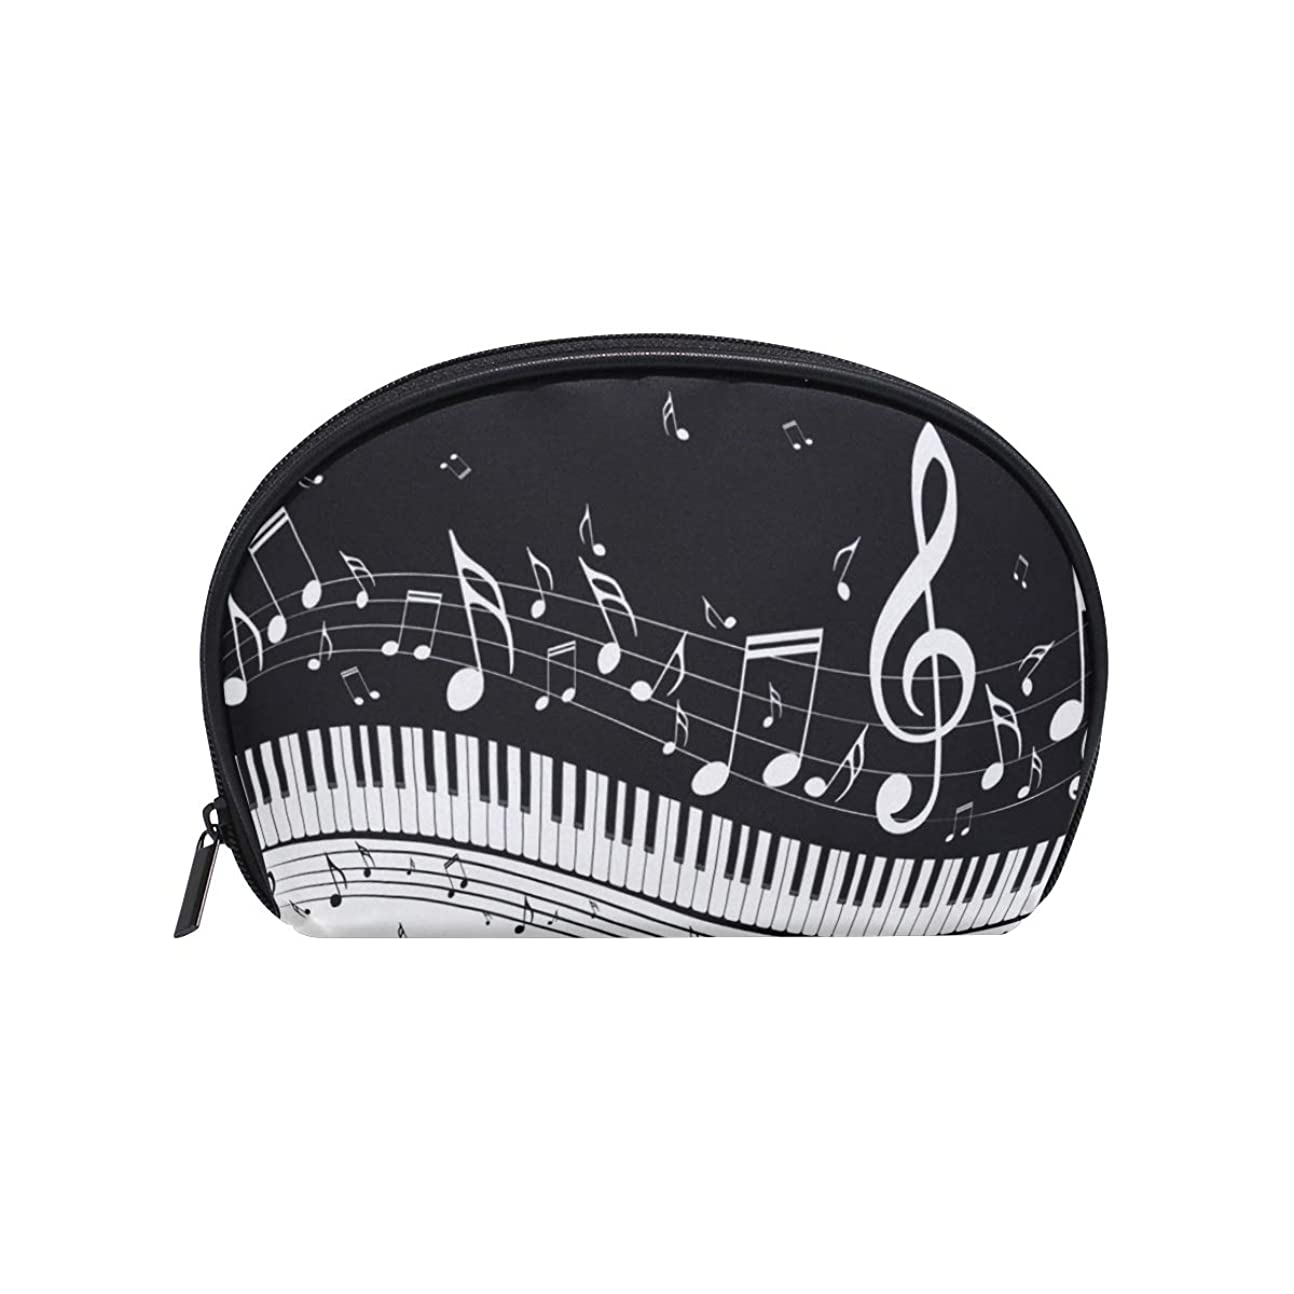 ゴミ箱ナビゲーション時々時々化粧ポーチ 化粧ポッチ 音符柄 ピアノ柄 音楽柄 ブラック バニティーポーチ 化粧袋 収納バッグ トイレタリーバ 旅行出張用 洗面用具 小物入れ